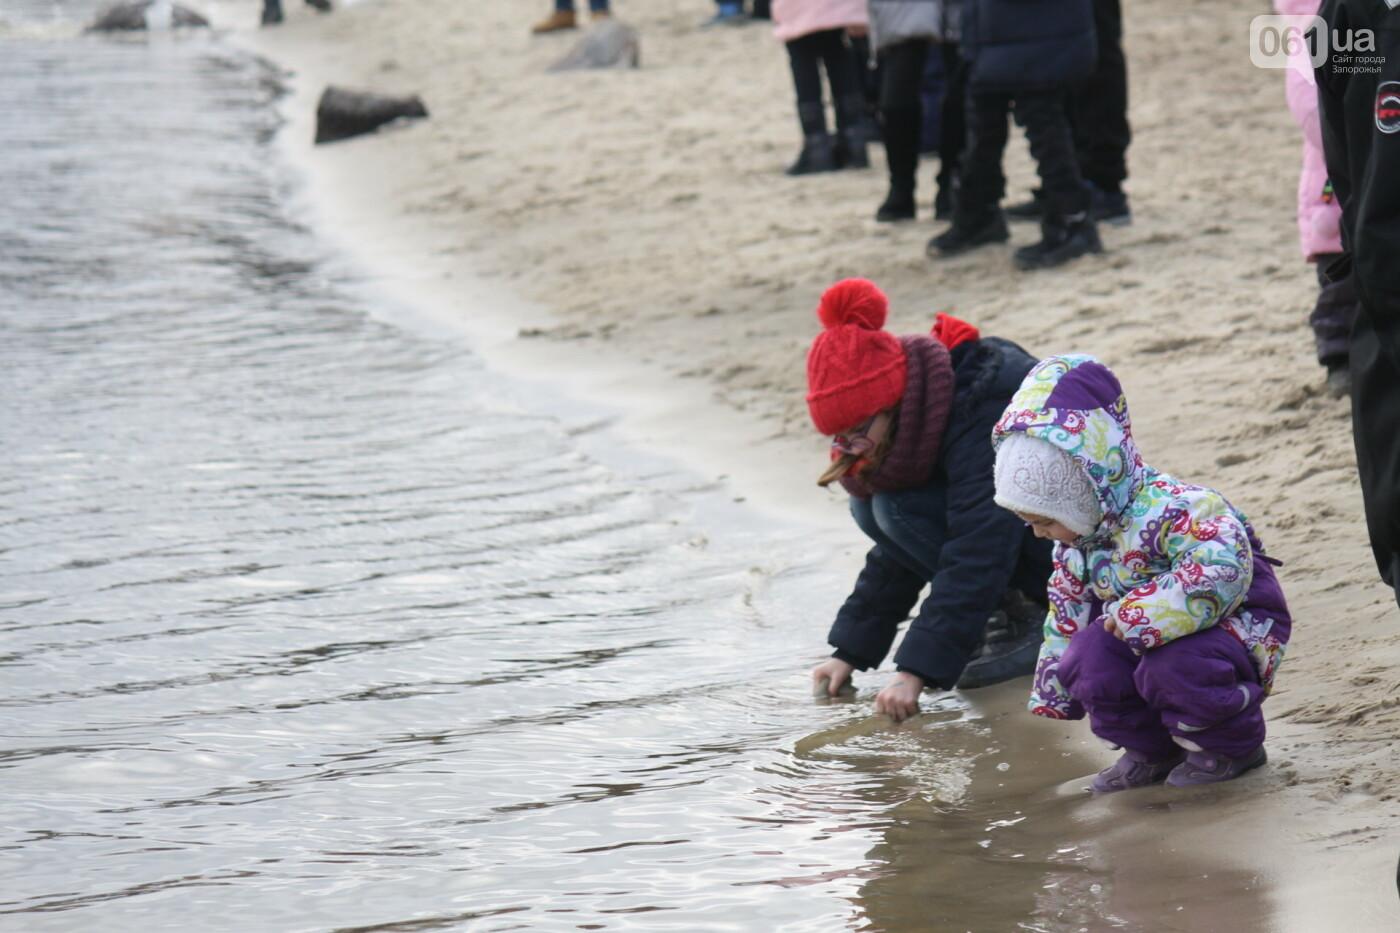 На Правобережном пляже сотни запорожцев отметили Крещение: как это было, – ФОТОРЕПОРТАЖ, фото-5